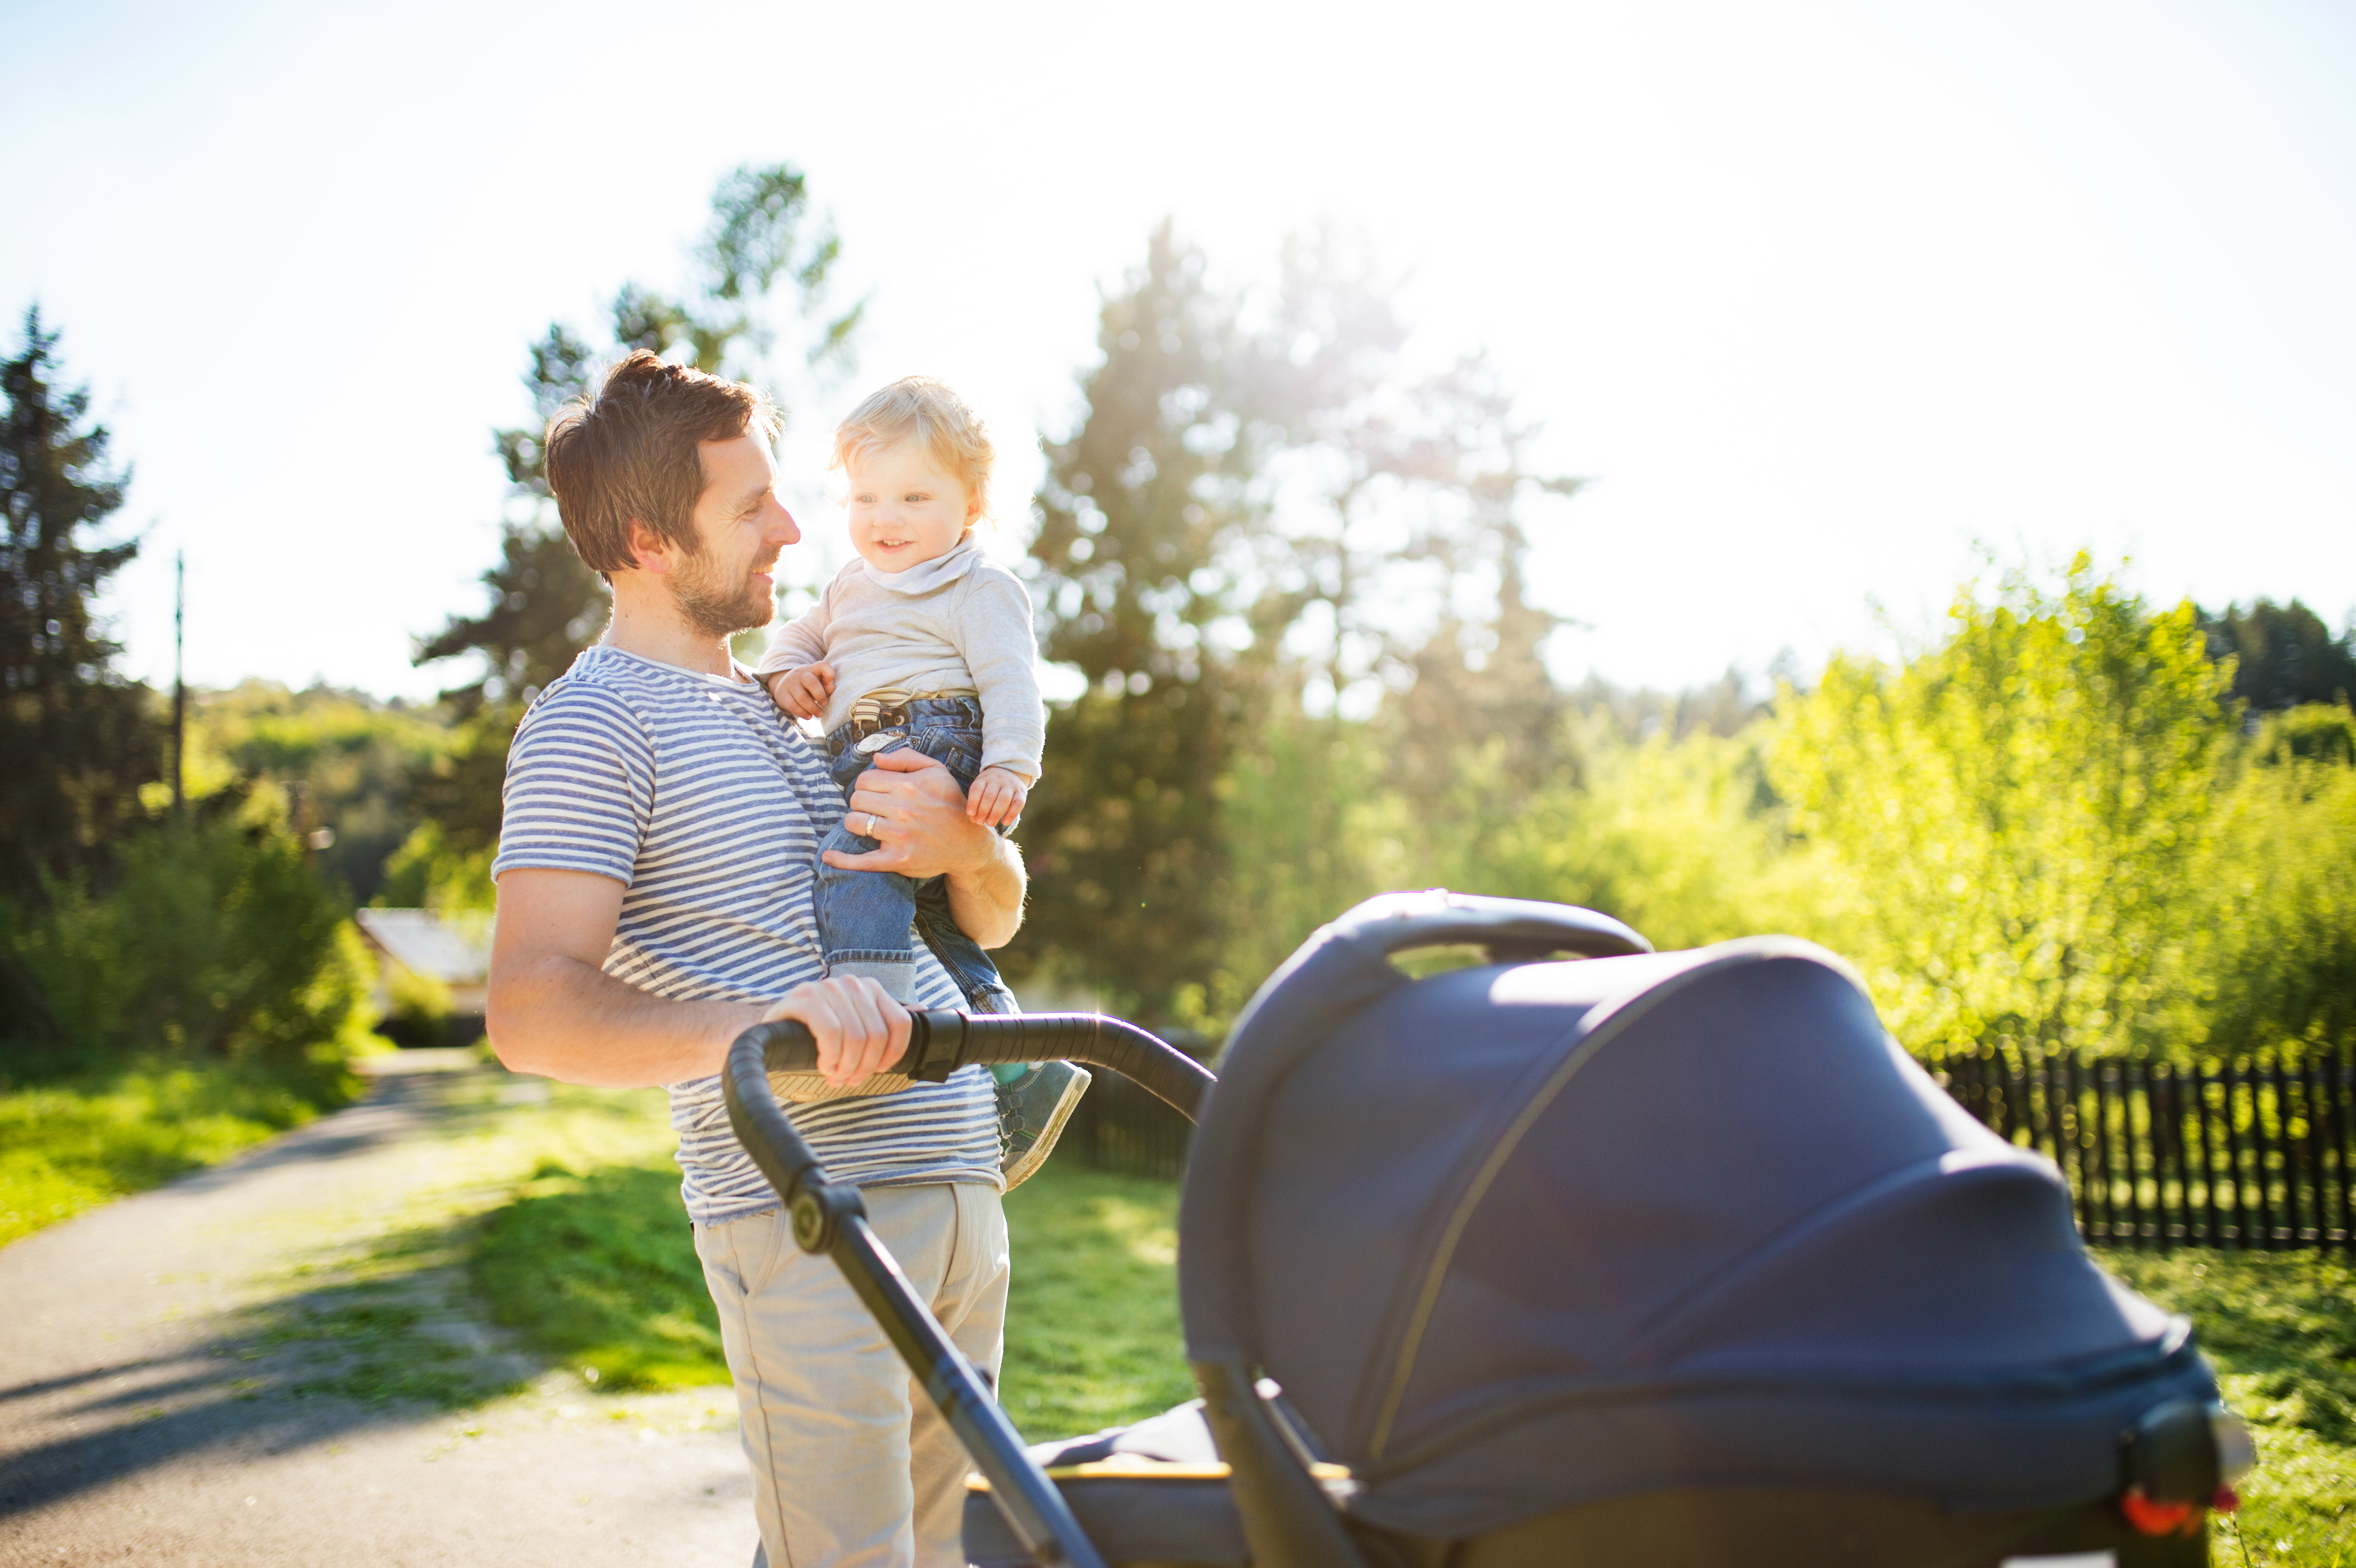 Padre con bebé en brazos en el parque llevando el carrito